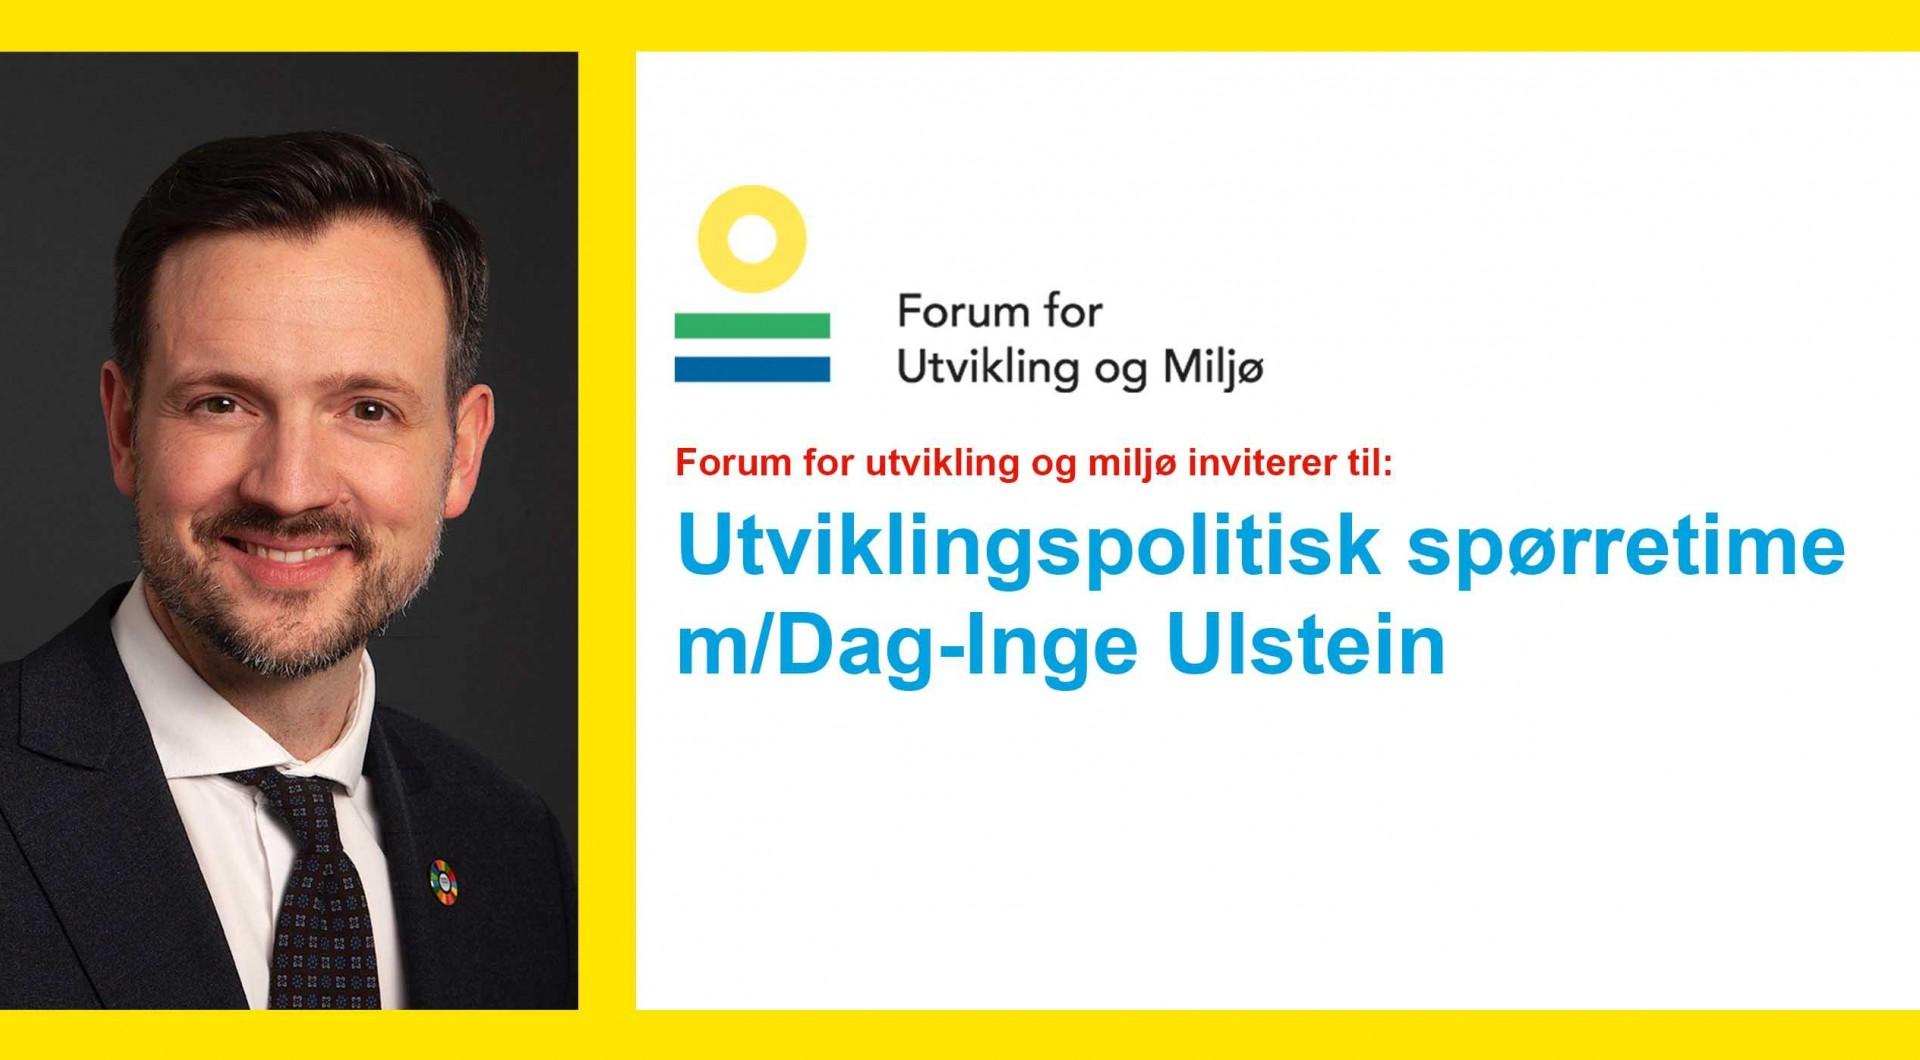 Utviklingspolitisk spørretime/m Dag-Inge Ulstein